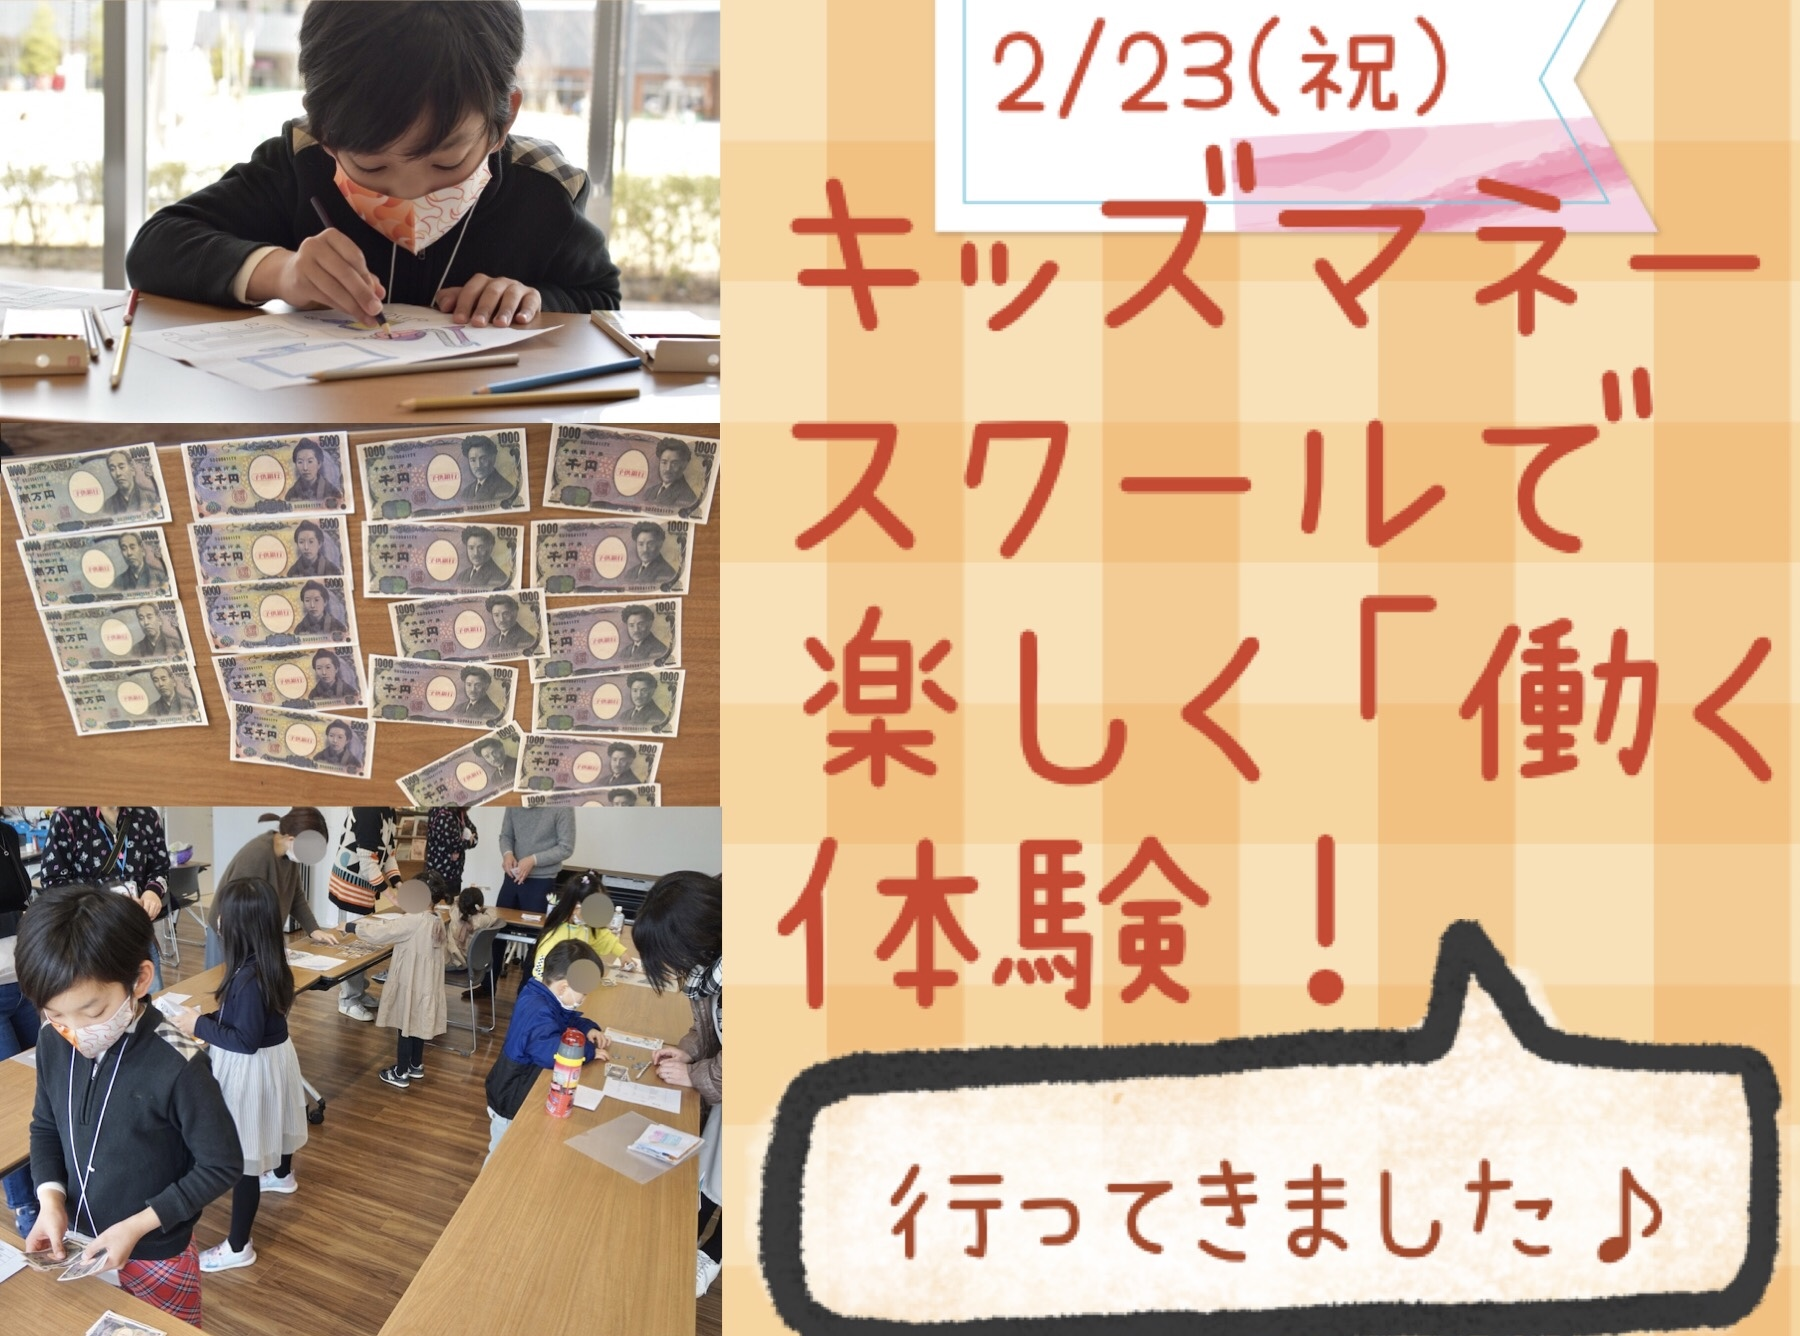 【2/23祝】キッズマネースクールで楽しく「働く」体験!【行ってきた】ブランチ大津京